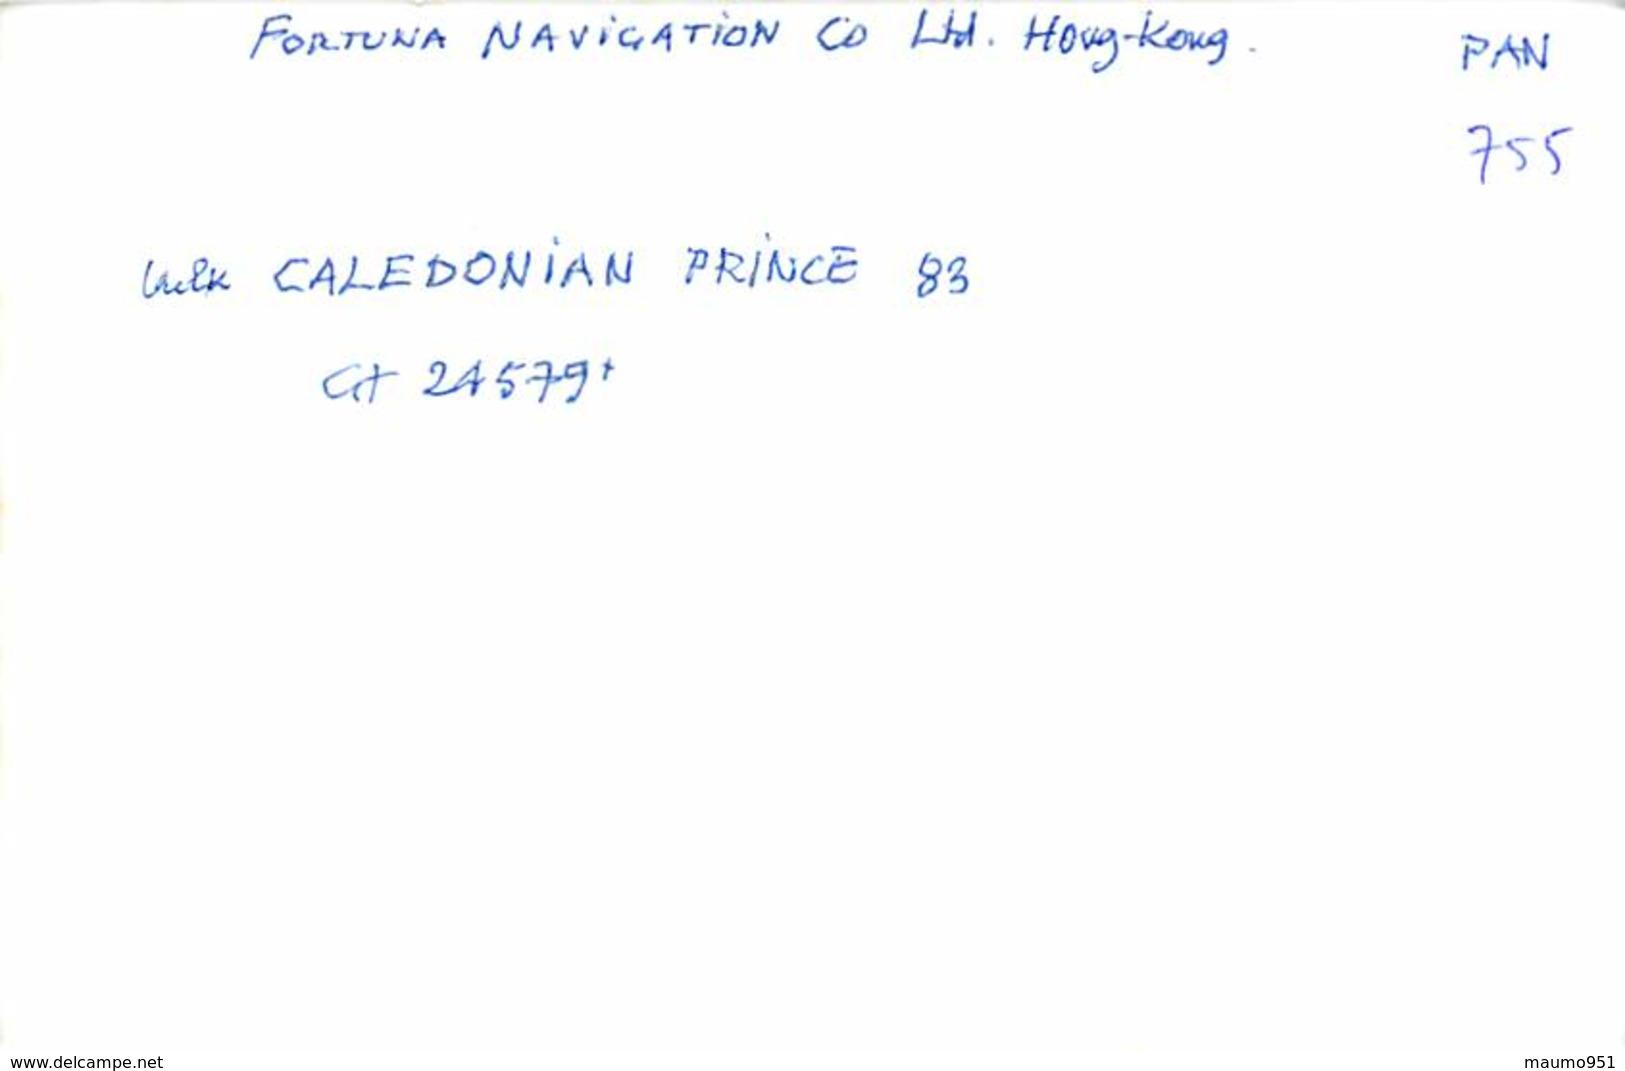 755 PHOTO BATEAU DE COMMERCE  LE CALE DONIAN PRINCE DE 1983 CATEGORIE 24579T PREFIXE  ?- FORMAT C.P.A - Bateaux